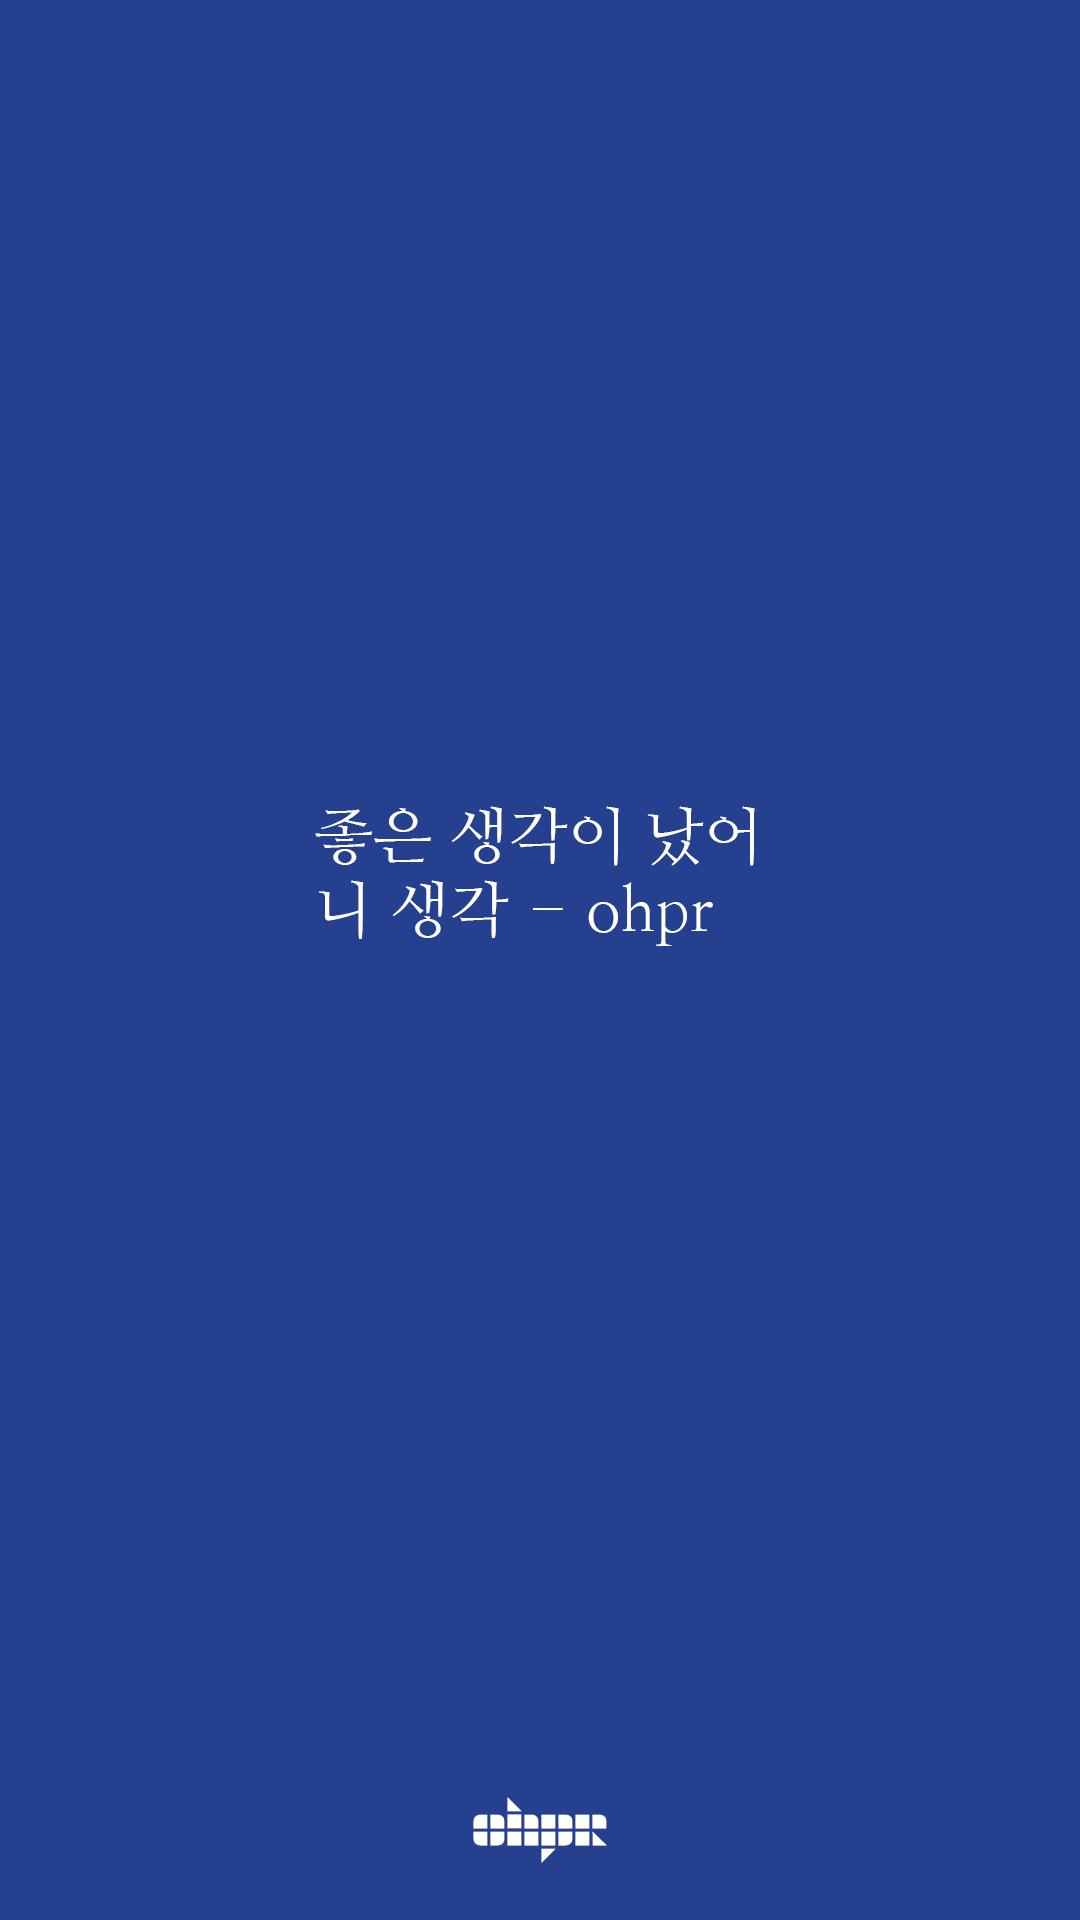 ohpr_wording24